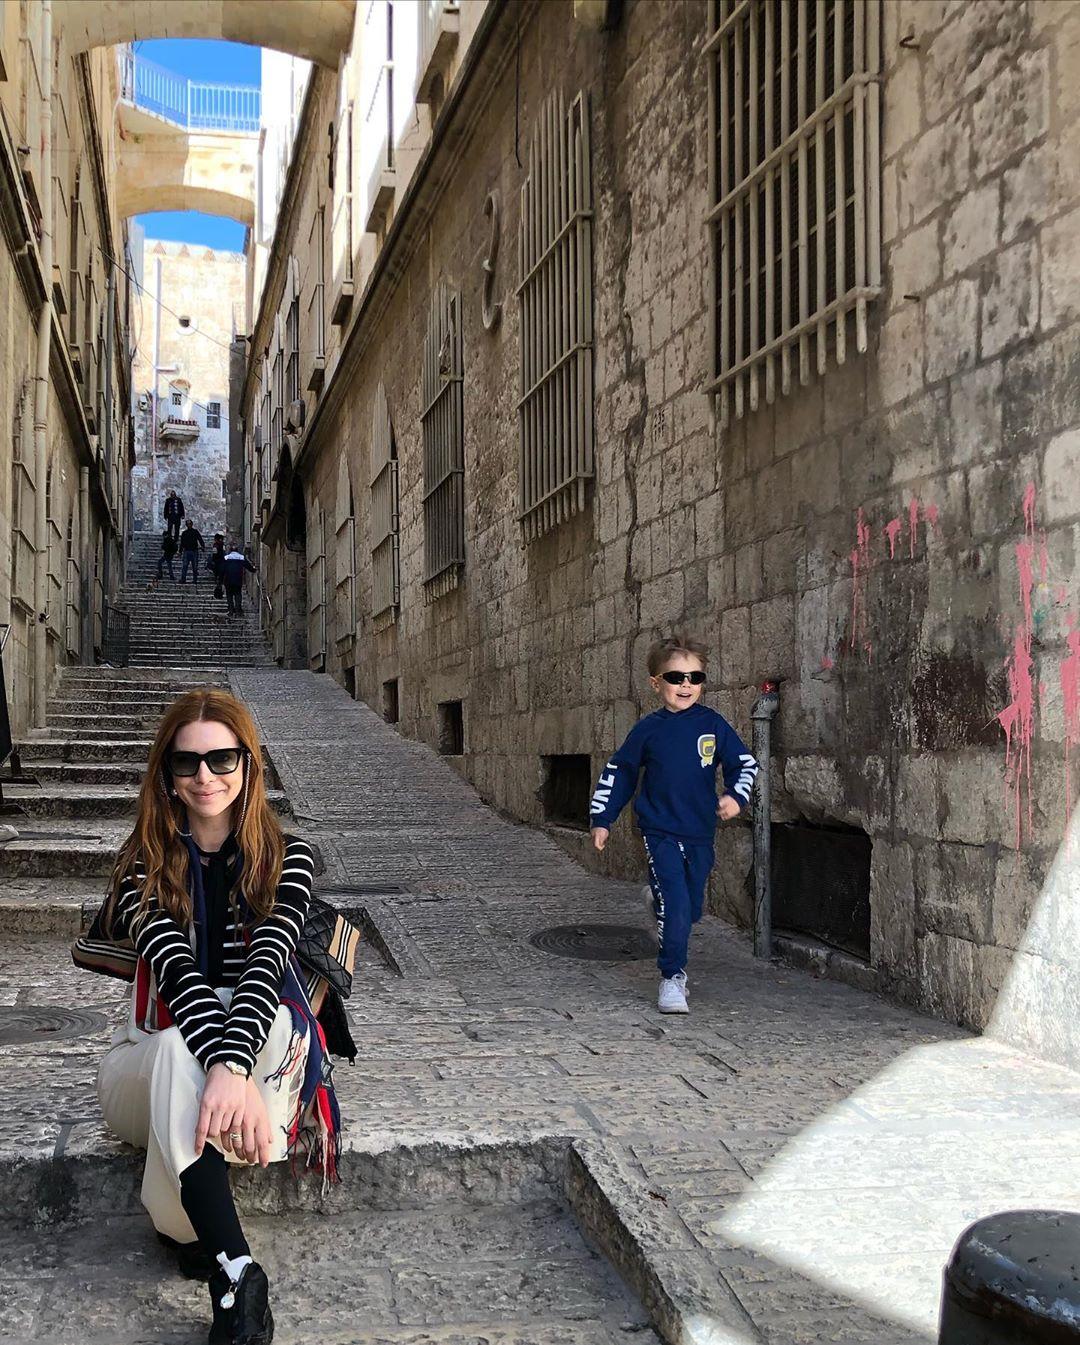 Наталья Подольская и АРтем гуляют по узким улочкам